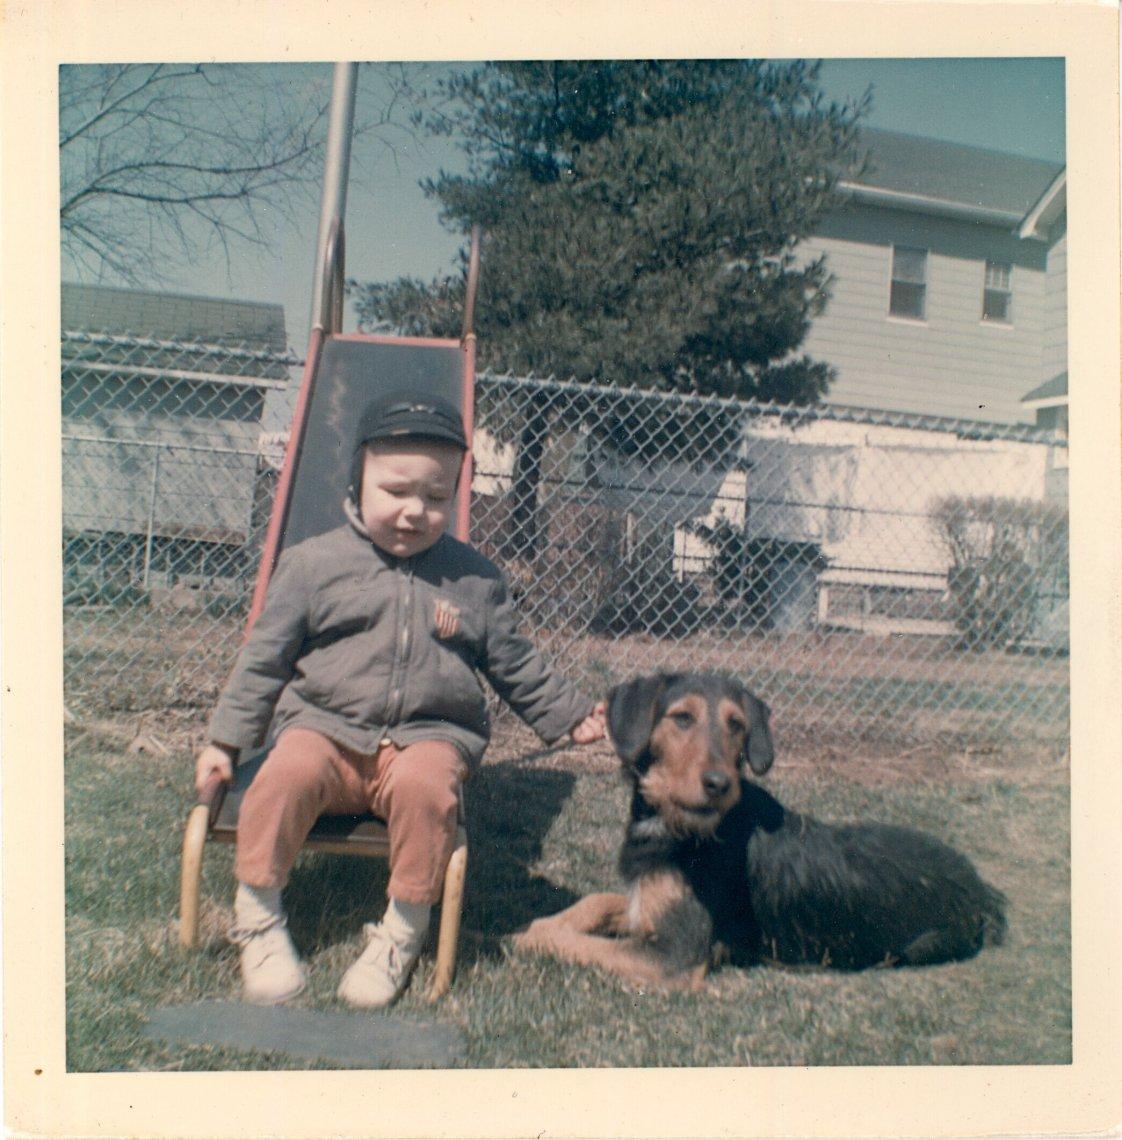 Bryan and Mugzy Dog